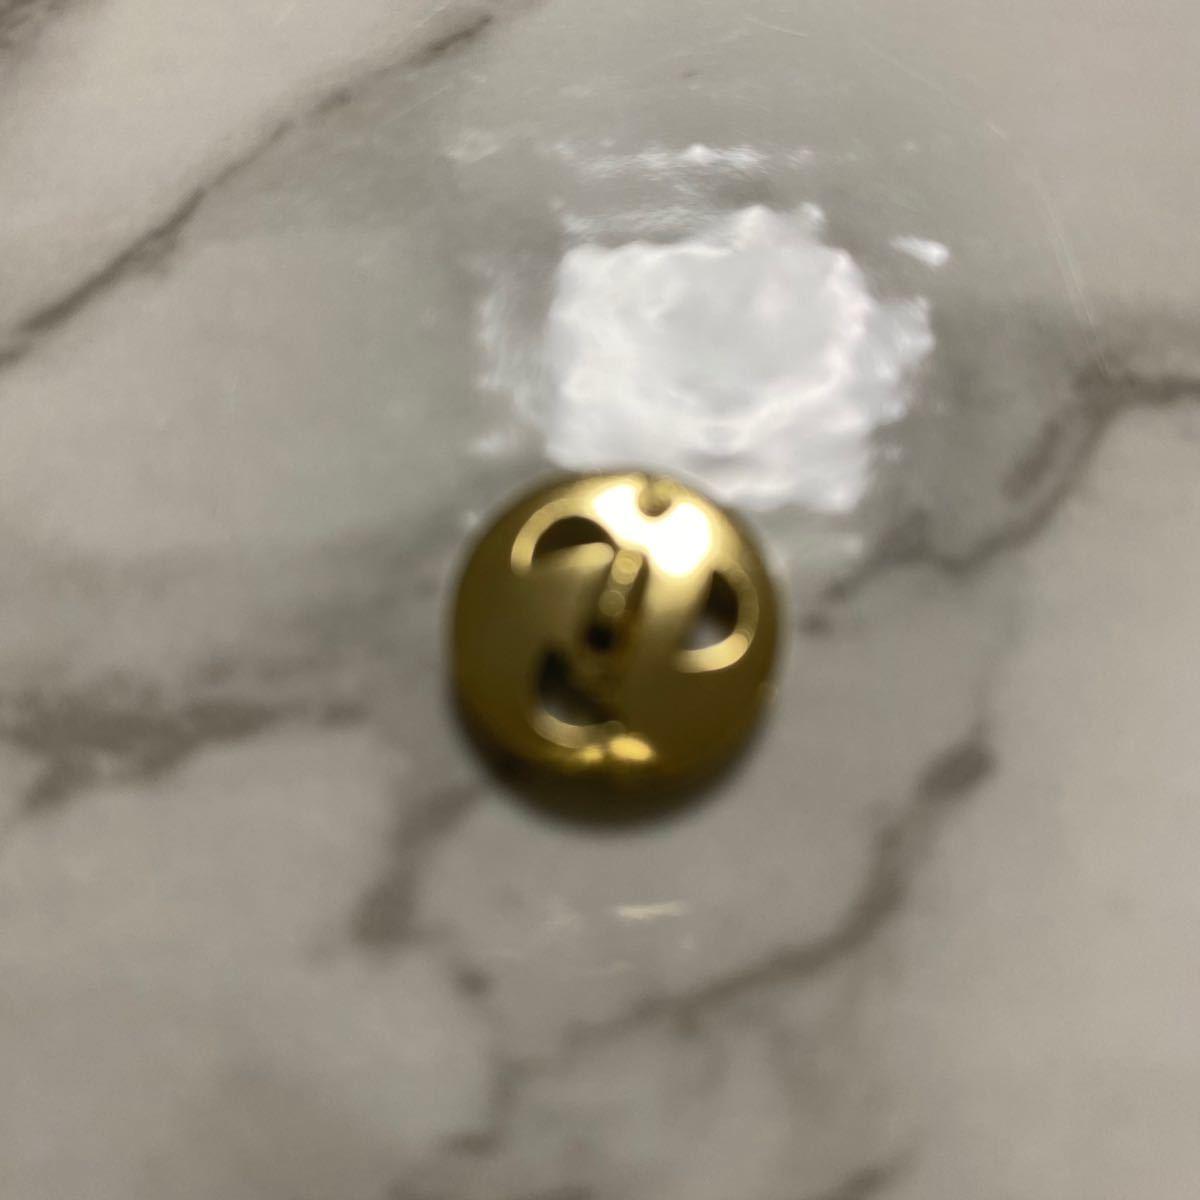 ボタン ゴールド 金 ハンドメイド 資材 カボション アクセサリー